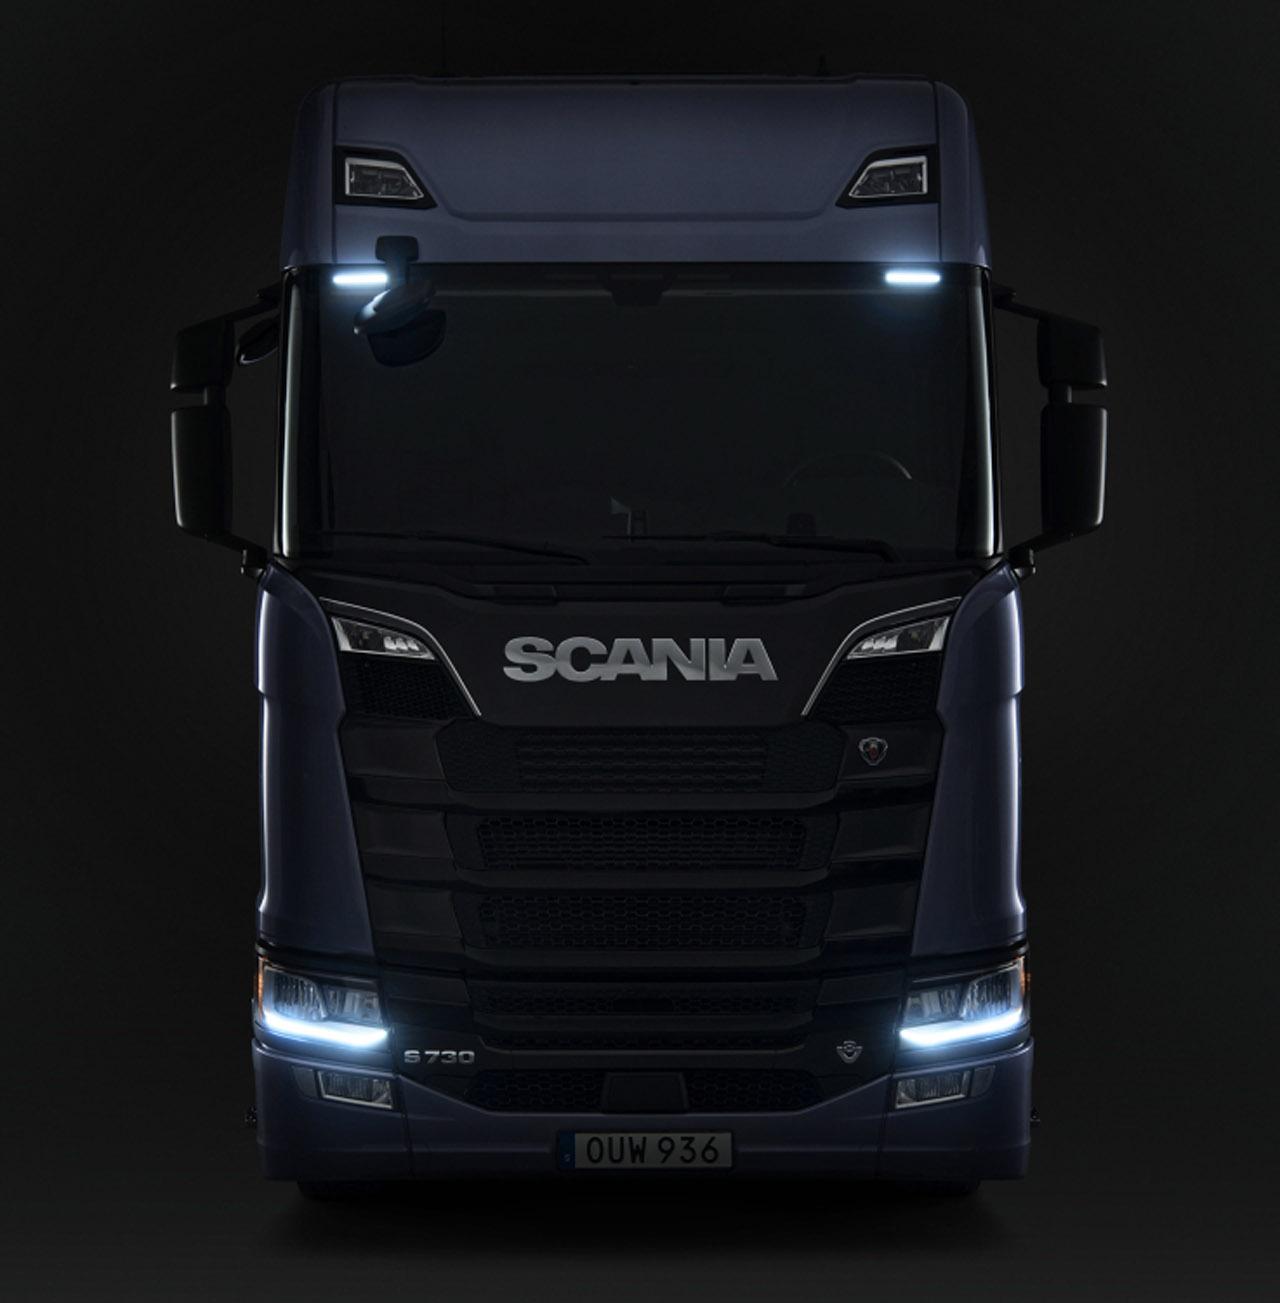 [사진자료] 스카니아, 차세대 프리미엄 트럭, '올 뉴 스카니아'